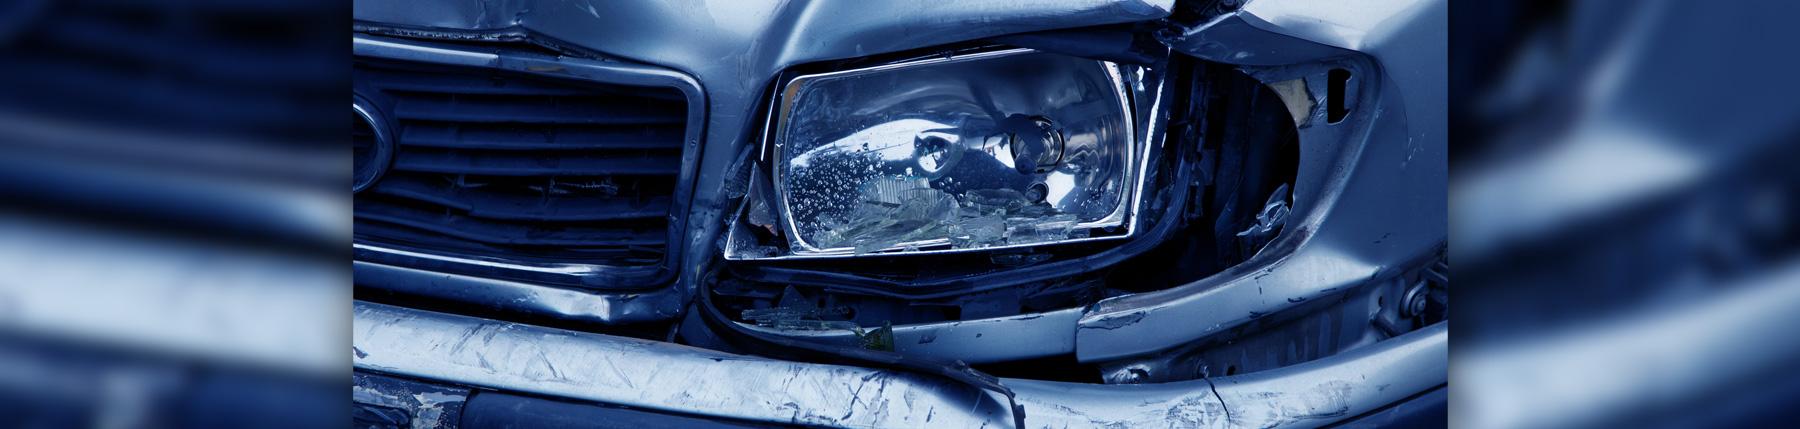 Bridgeport Car Accident Lawyer